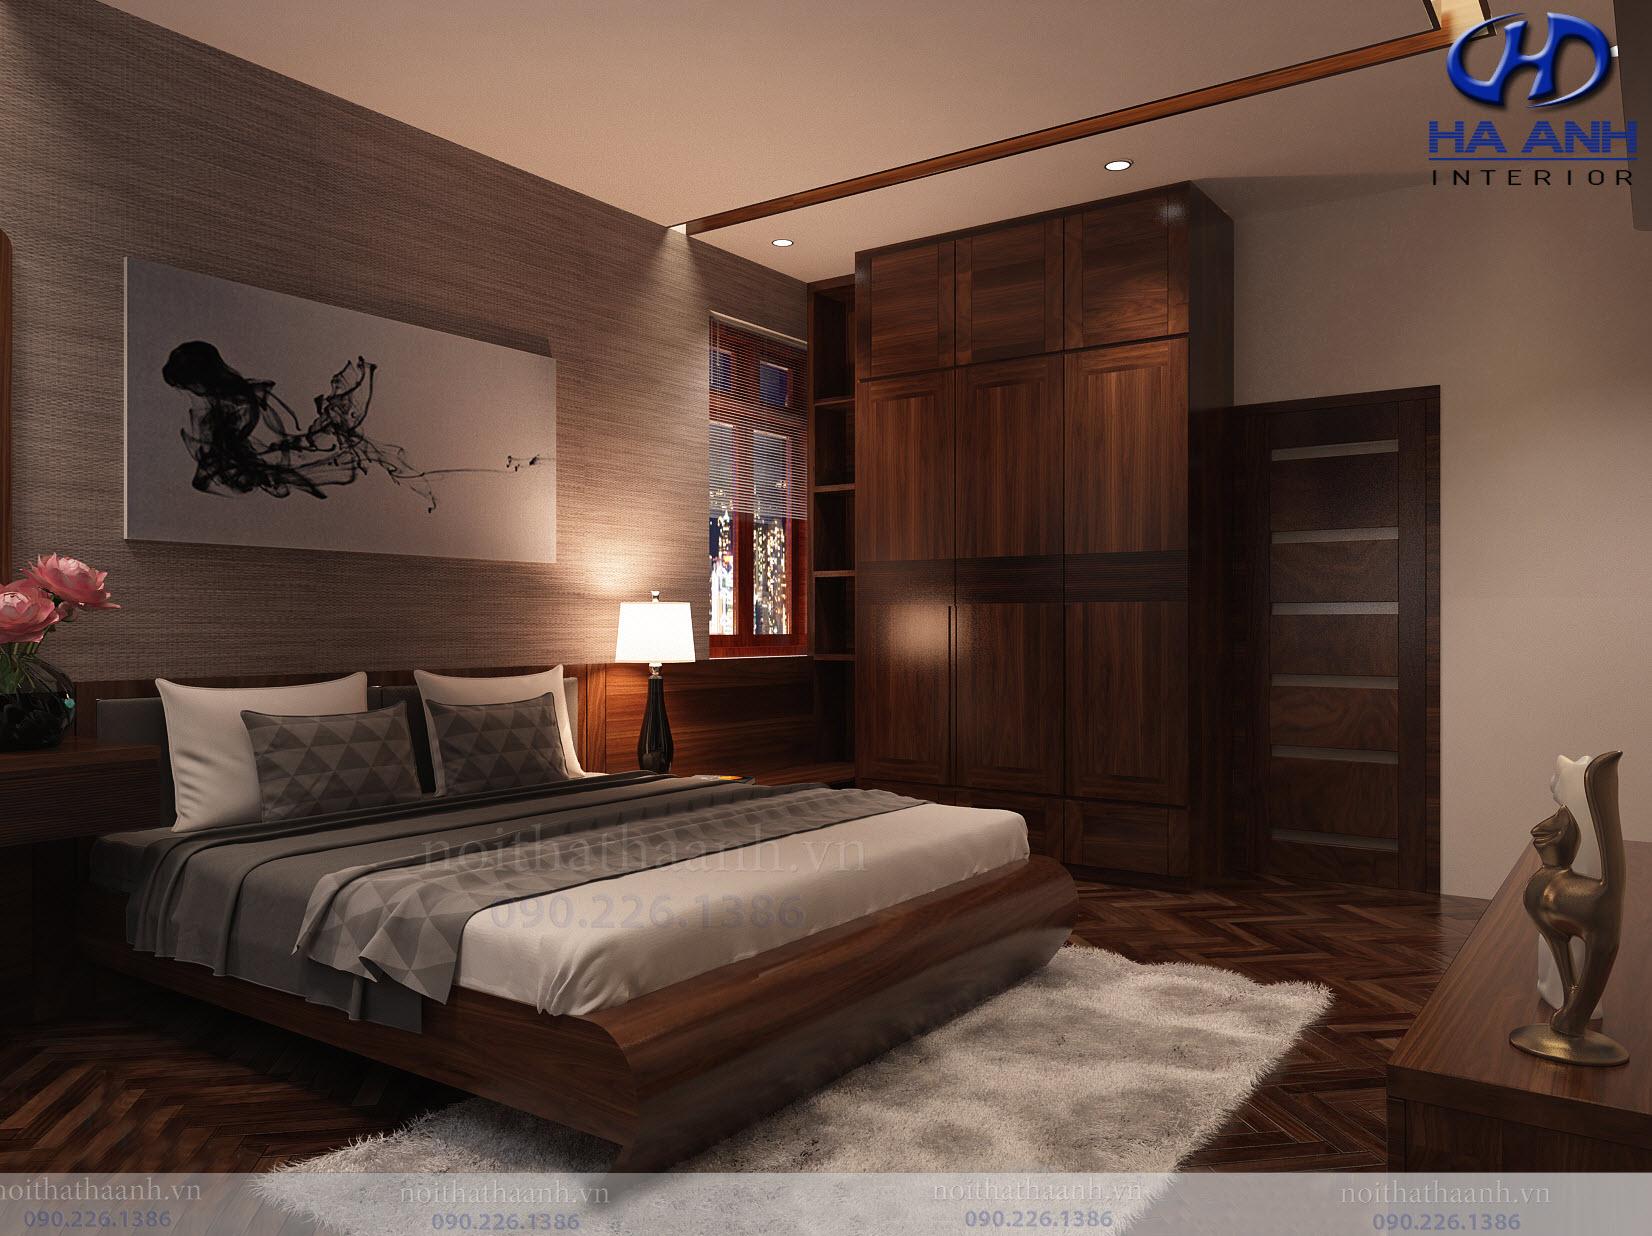 Thiết kế và thi công nội thất gia đình chị Vân TP Sơn La-11